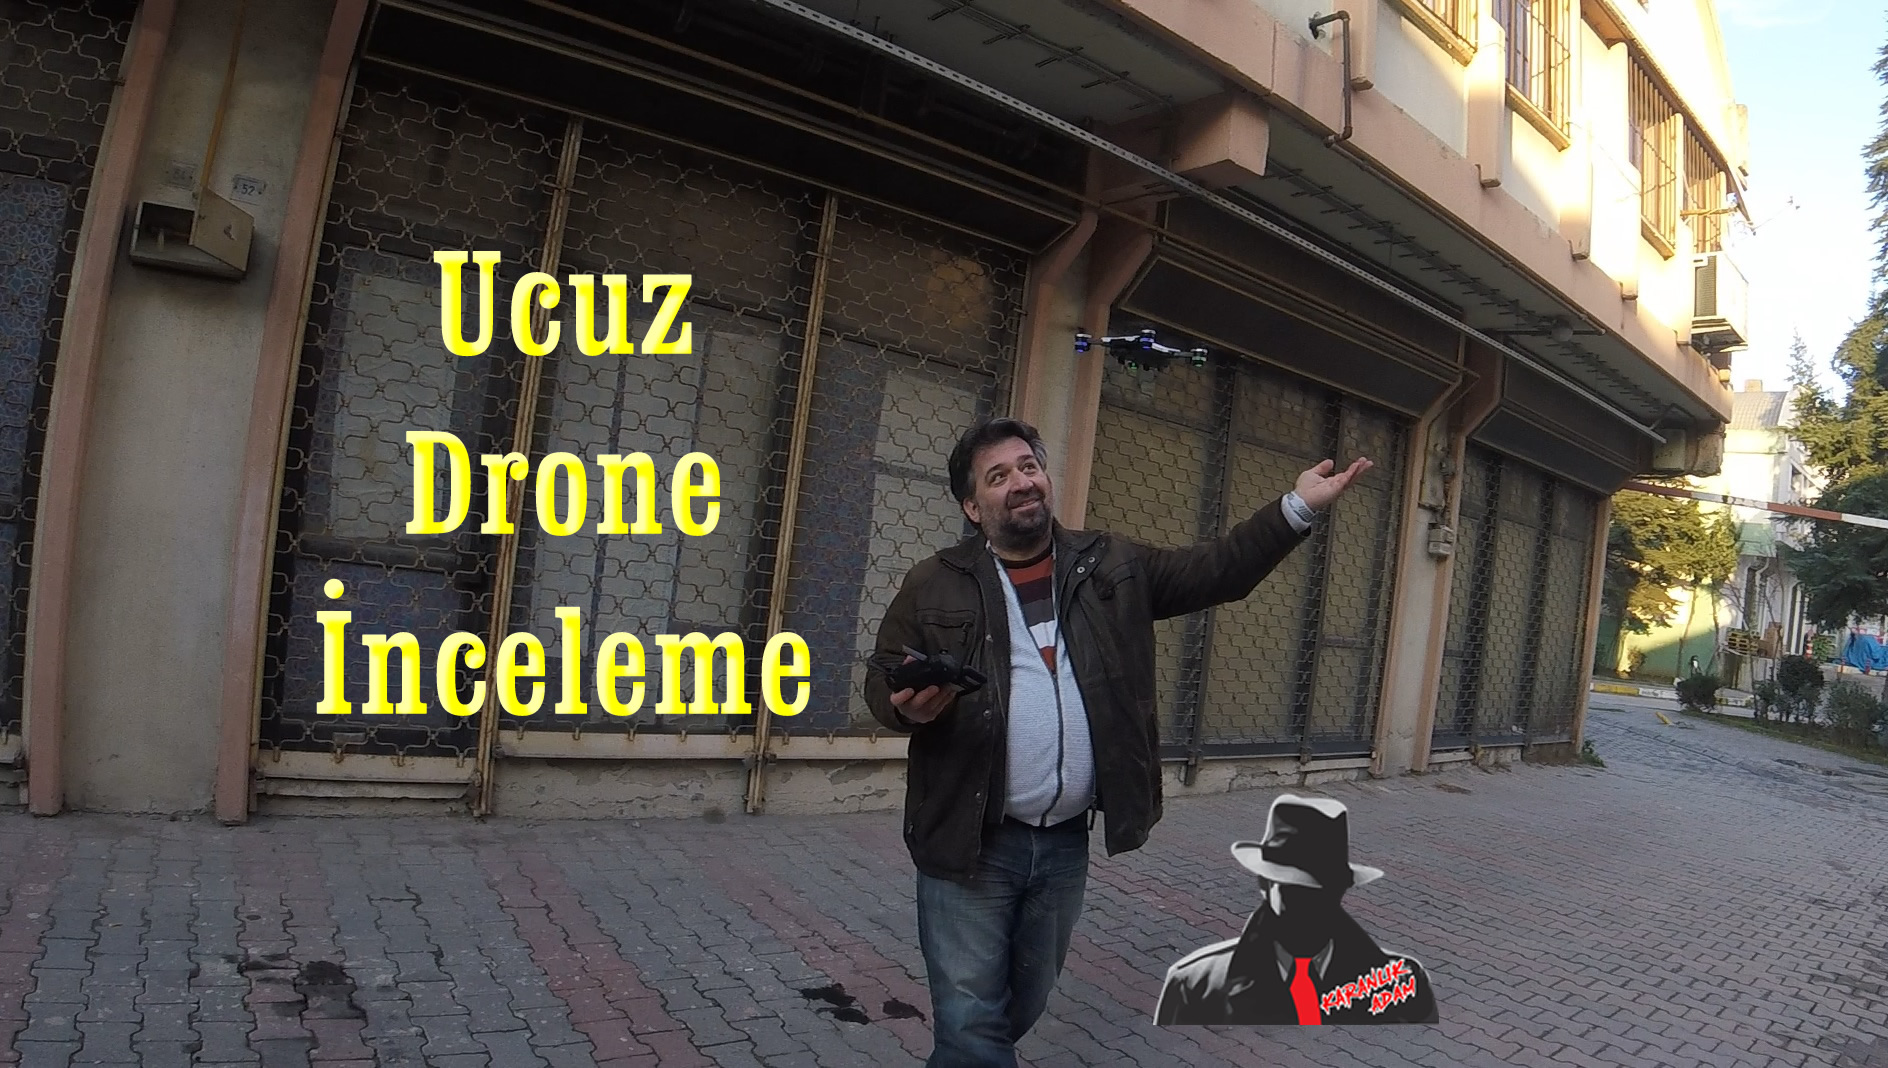 JDRC JD-20 JD20 Wifi 2 MP uygun fiyatlı drone inceleme ve başımıza gelenler